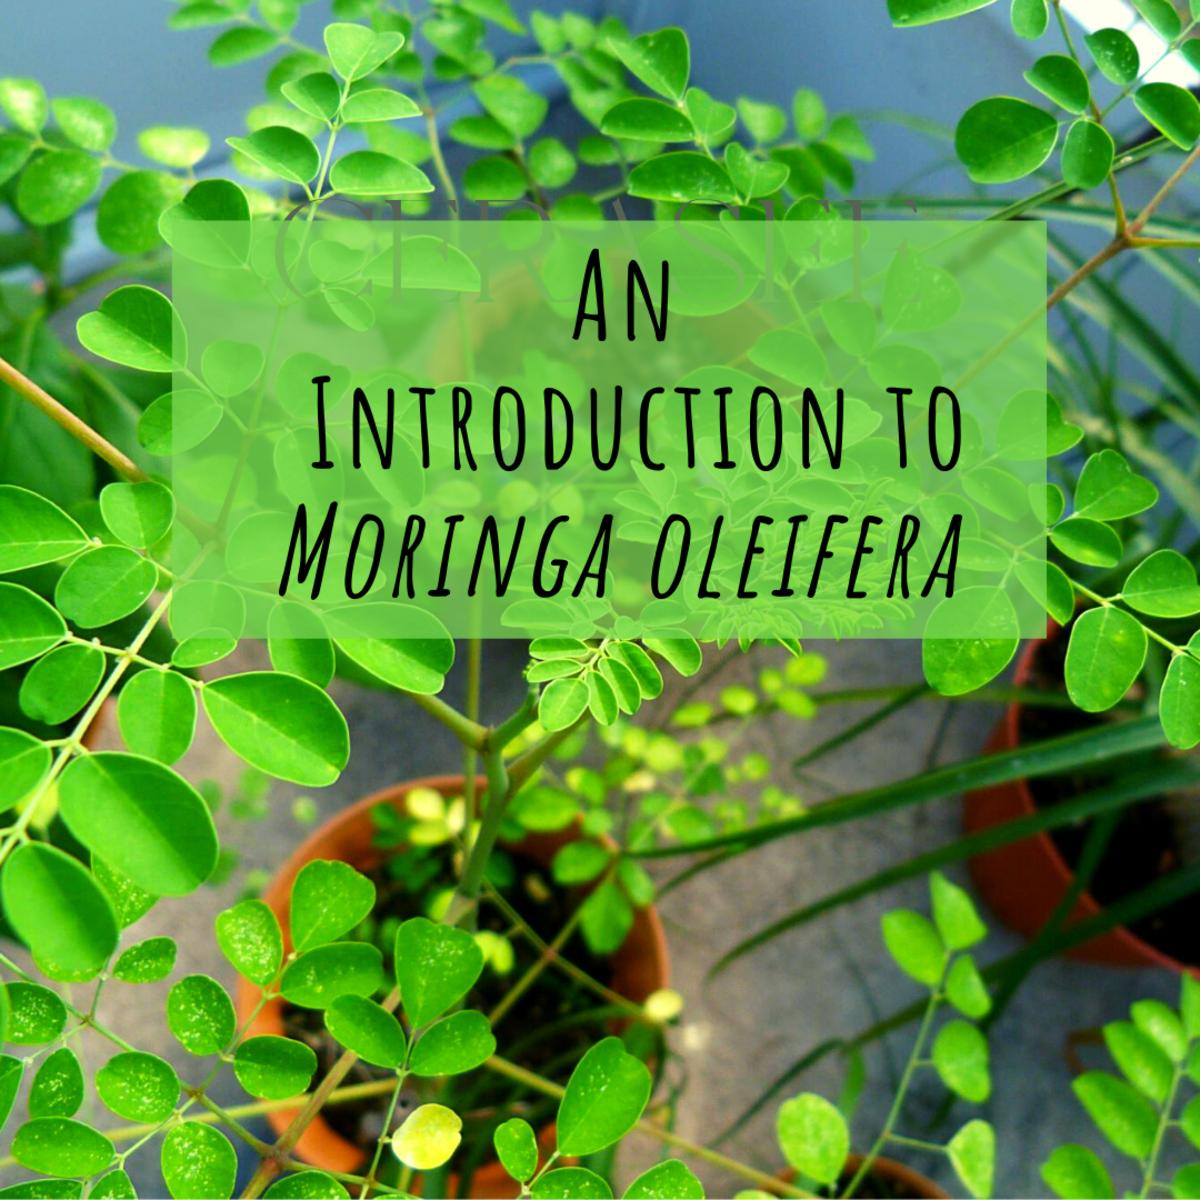 An introduction to the superfood Moringa o.